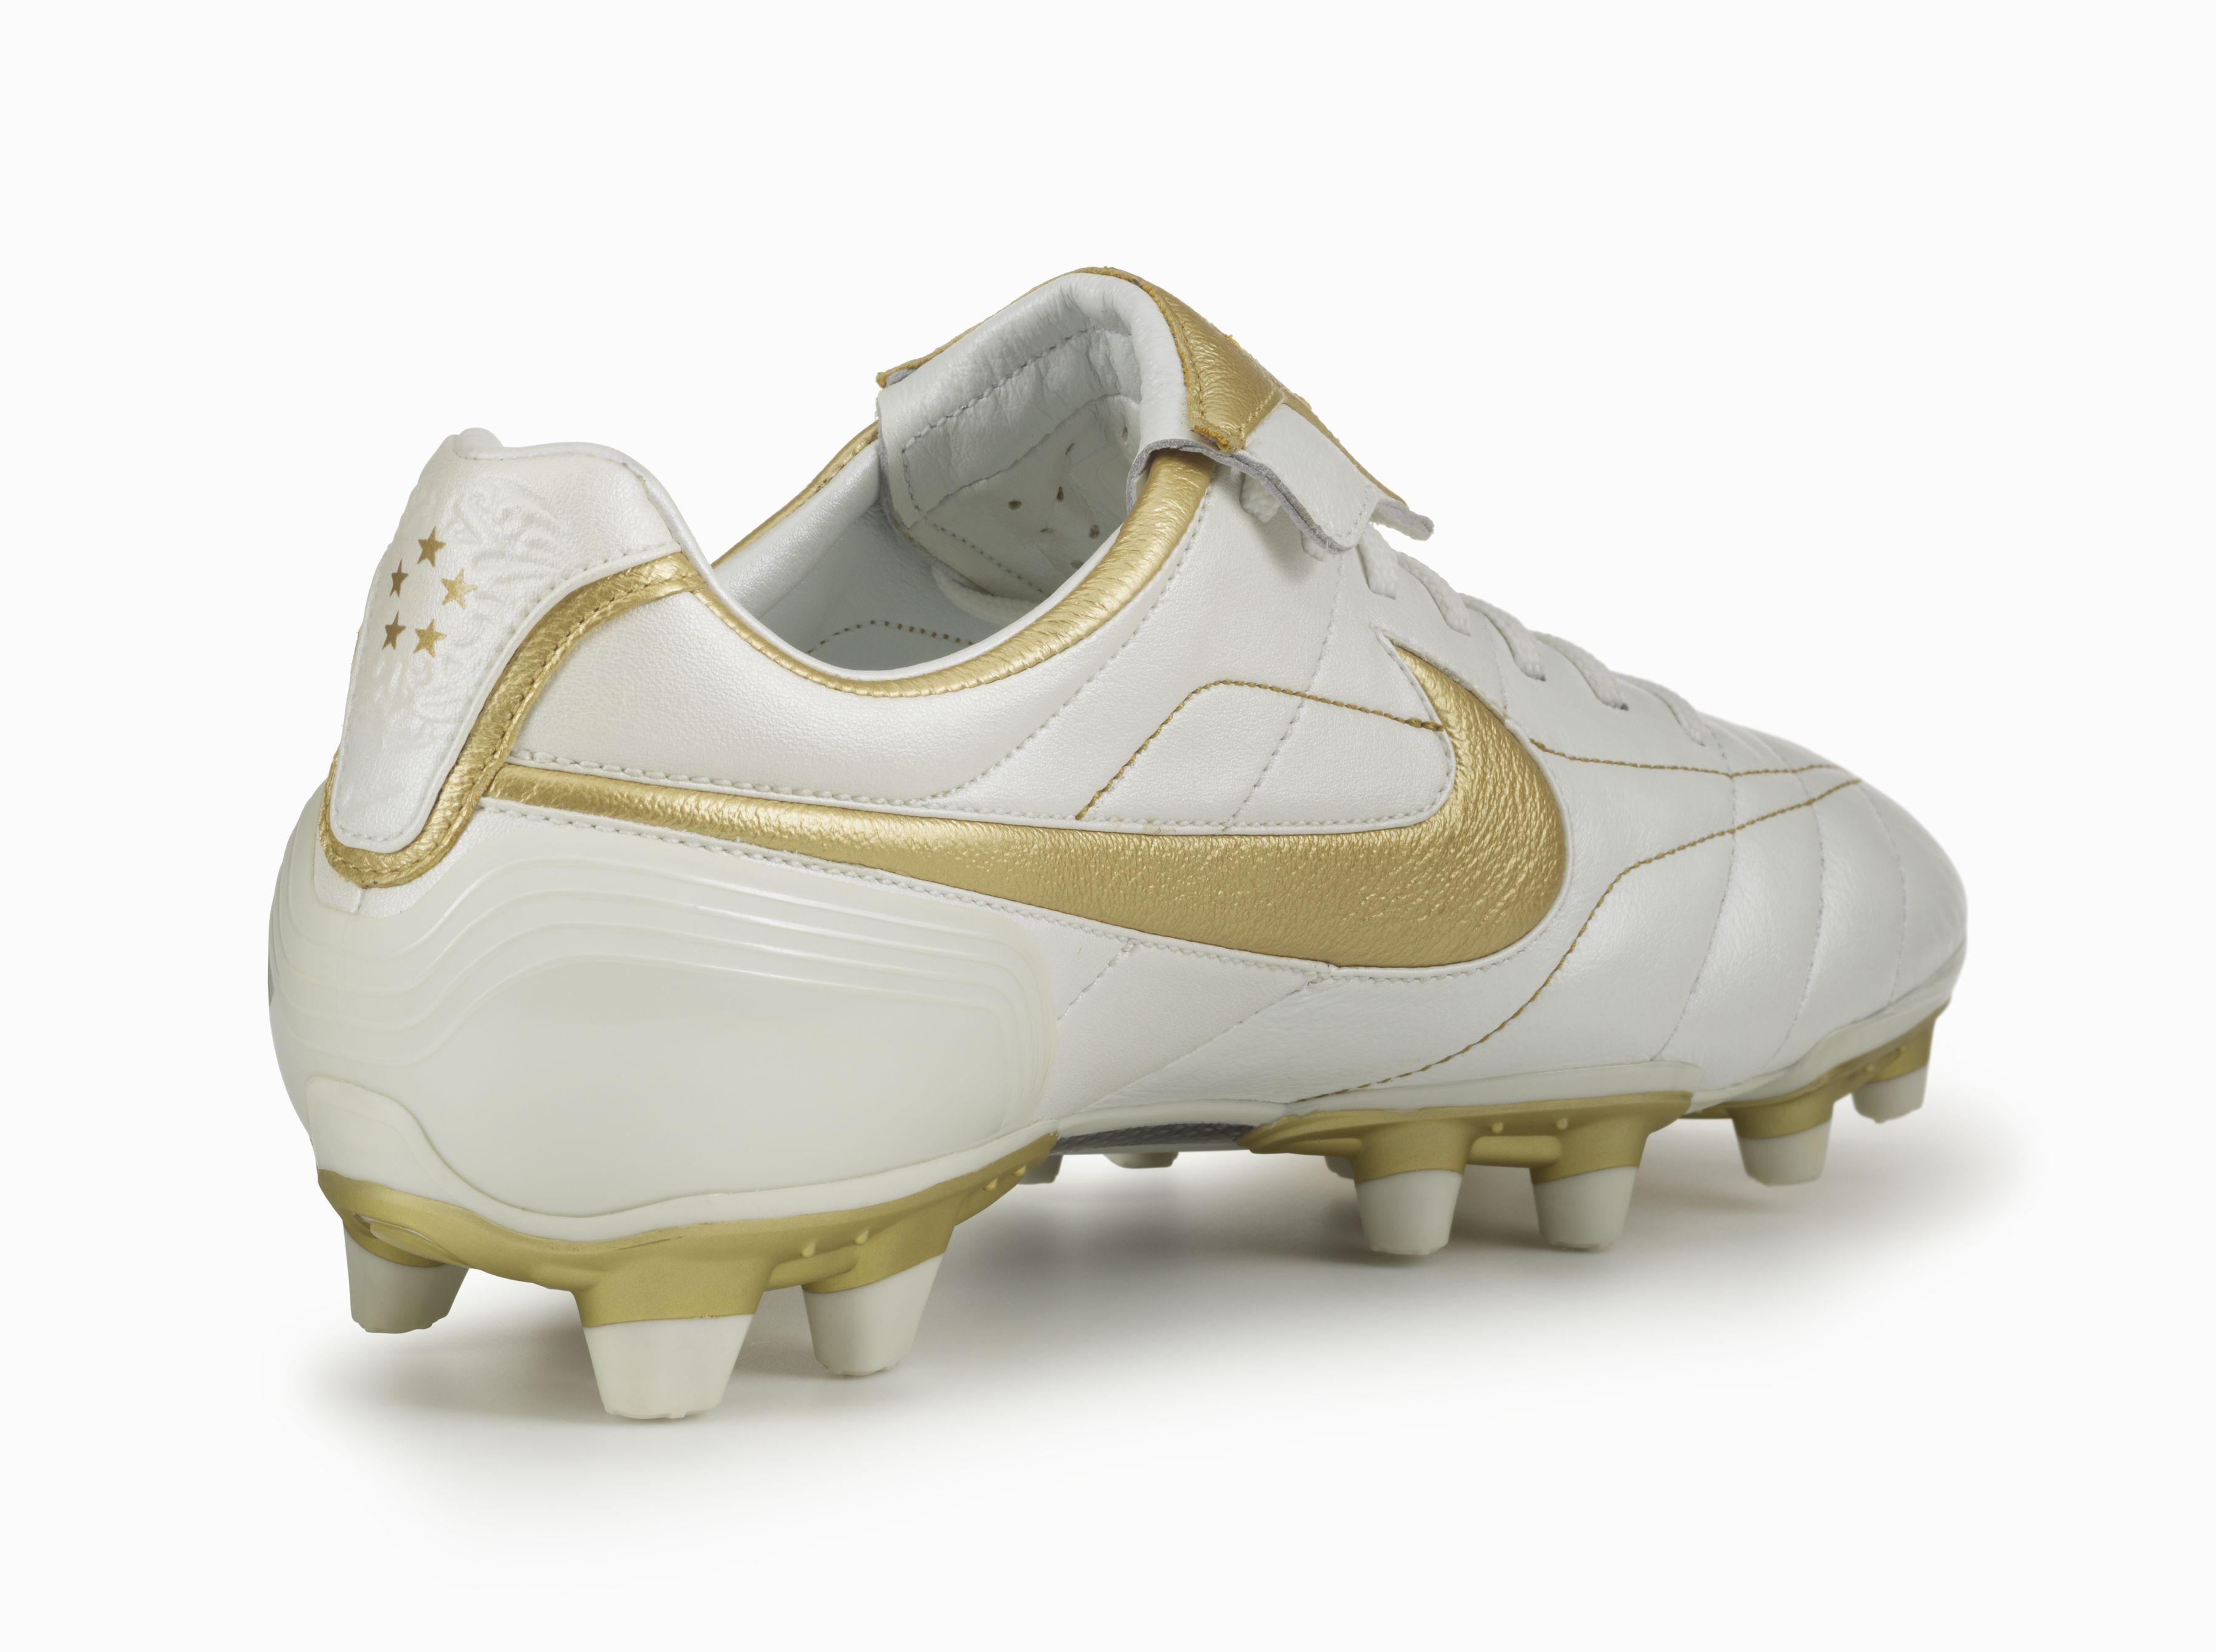 Di Touch Nike GoldLe Ronaldinho Tiempo Of Nuove GLzSVpUMq